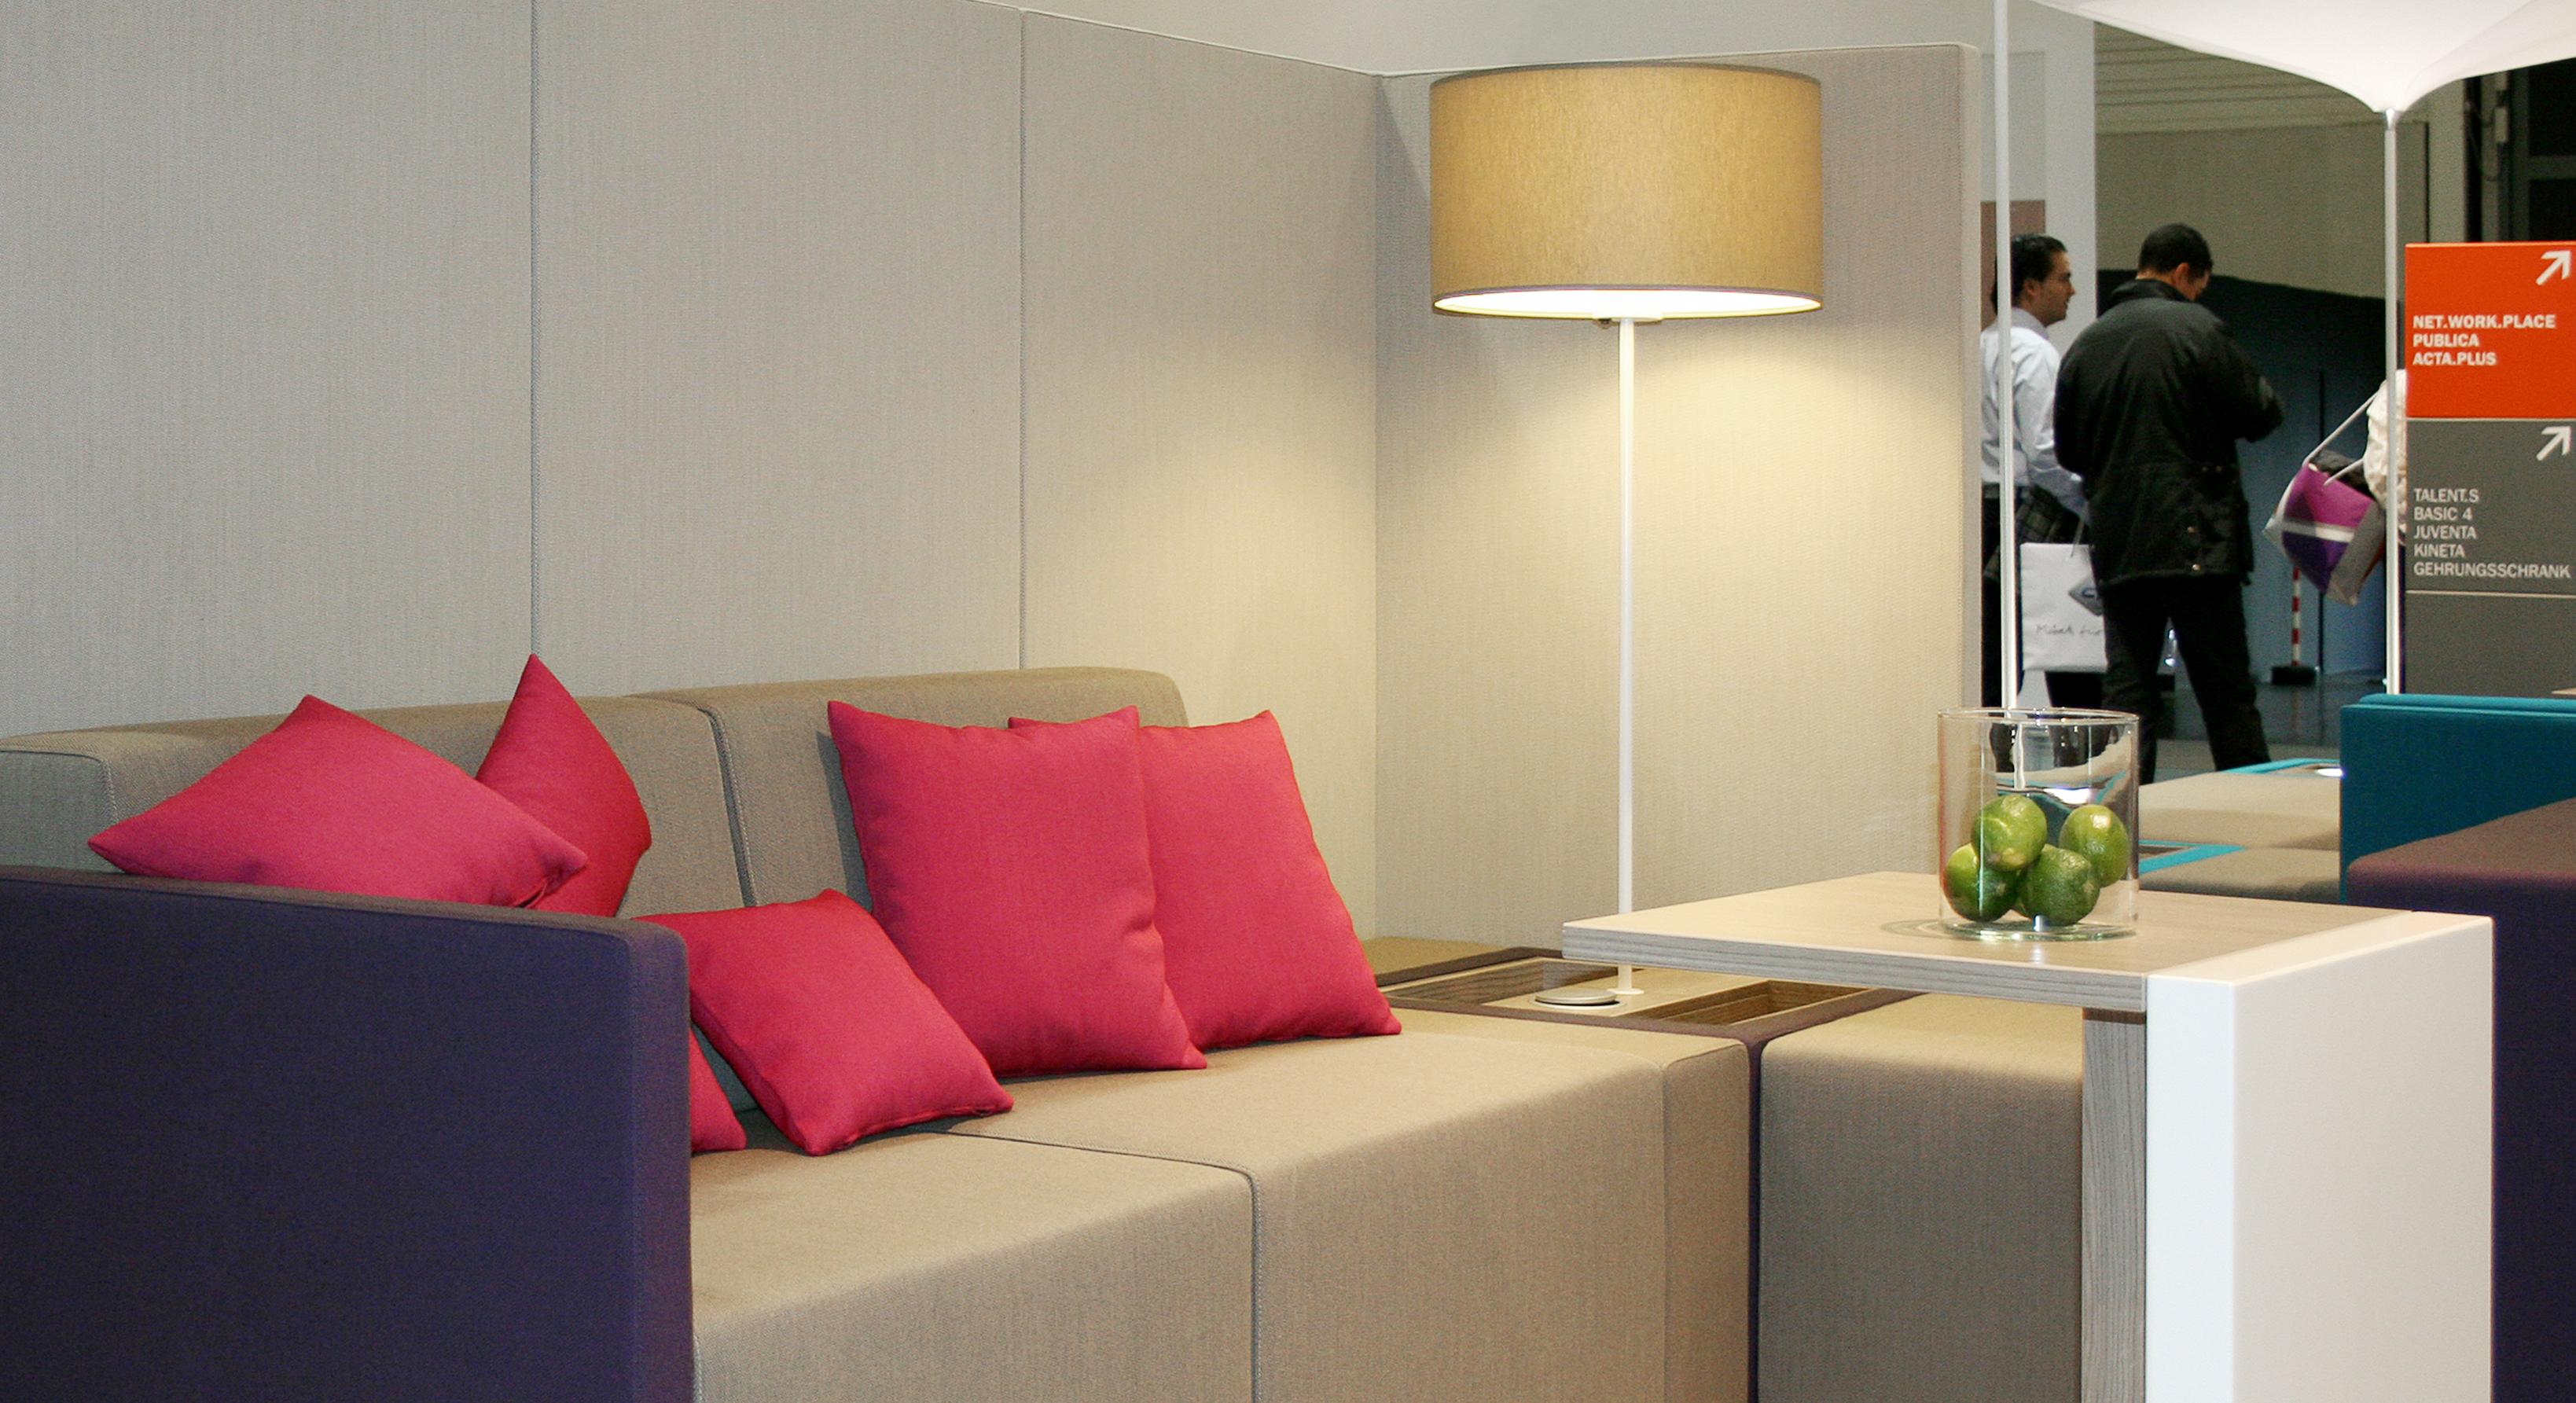 idee design licht gmbh aktuelles idee design licht page 2. Black Bedroom Furniture Sets. Home Design Ideas